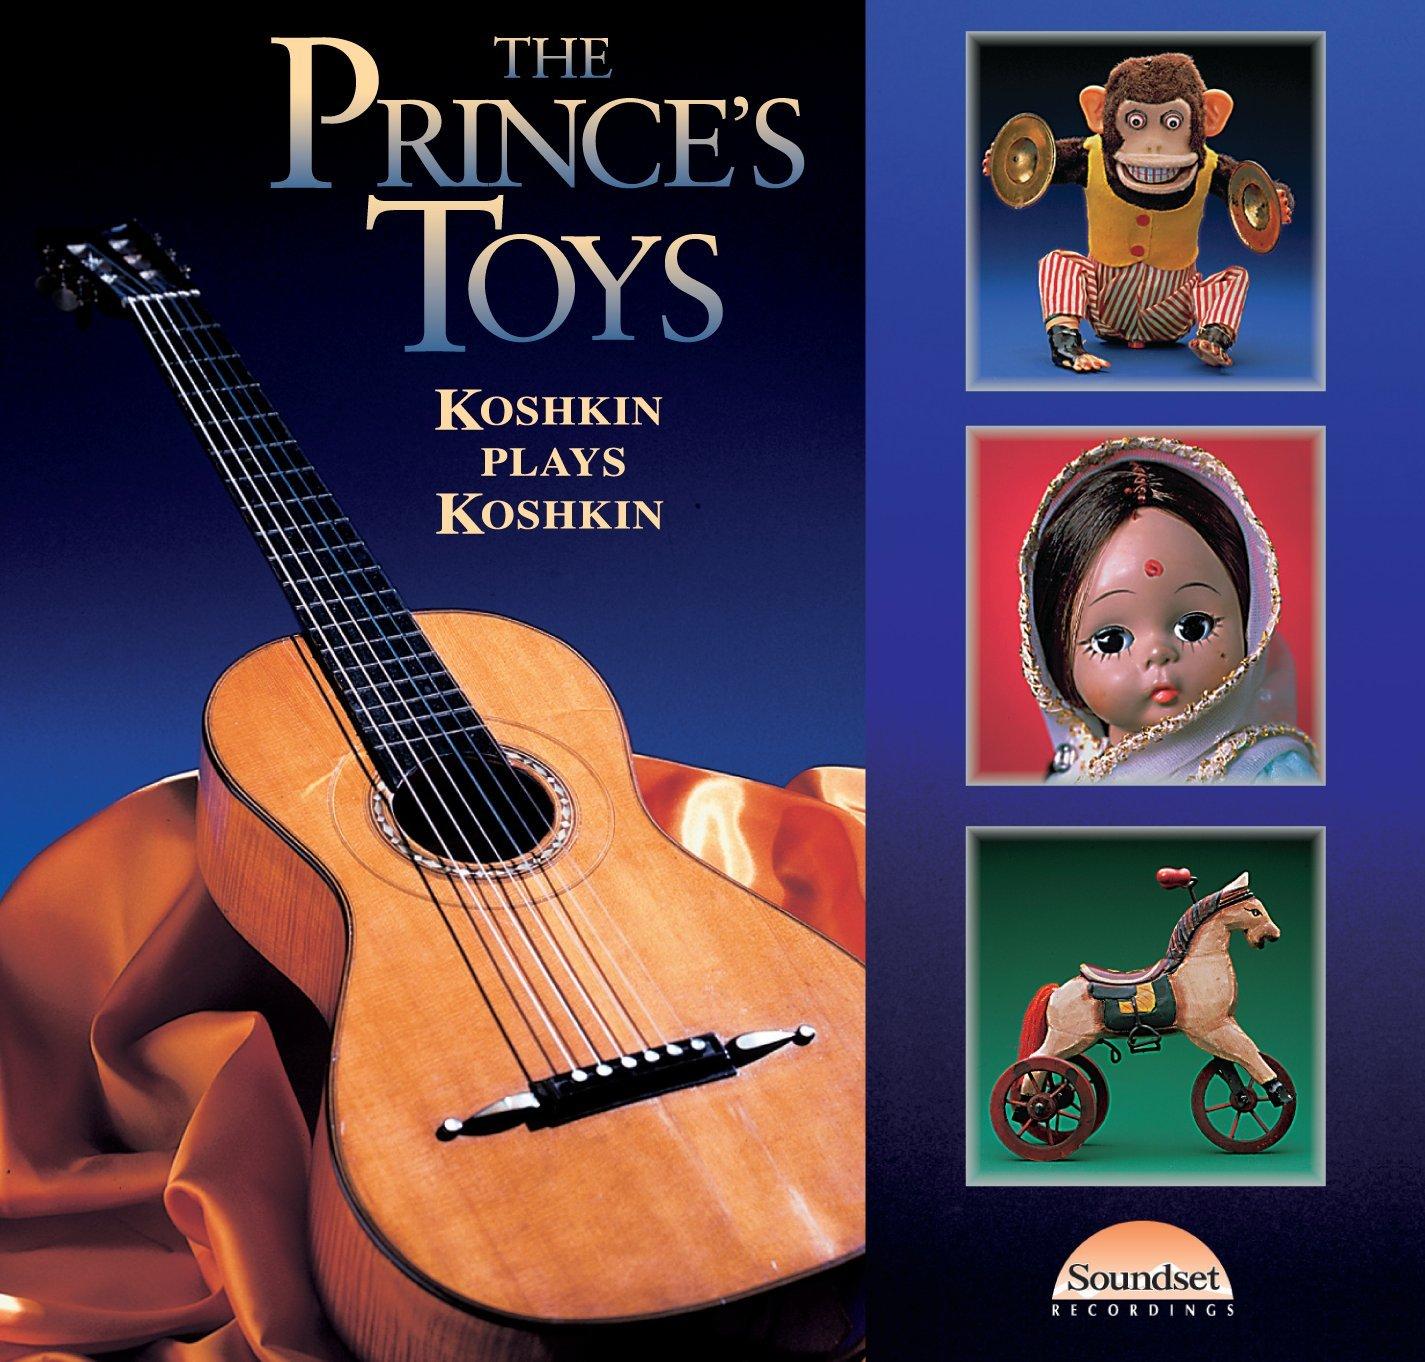 The Prince's Toys: Koshkin Plays Koshkin